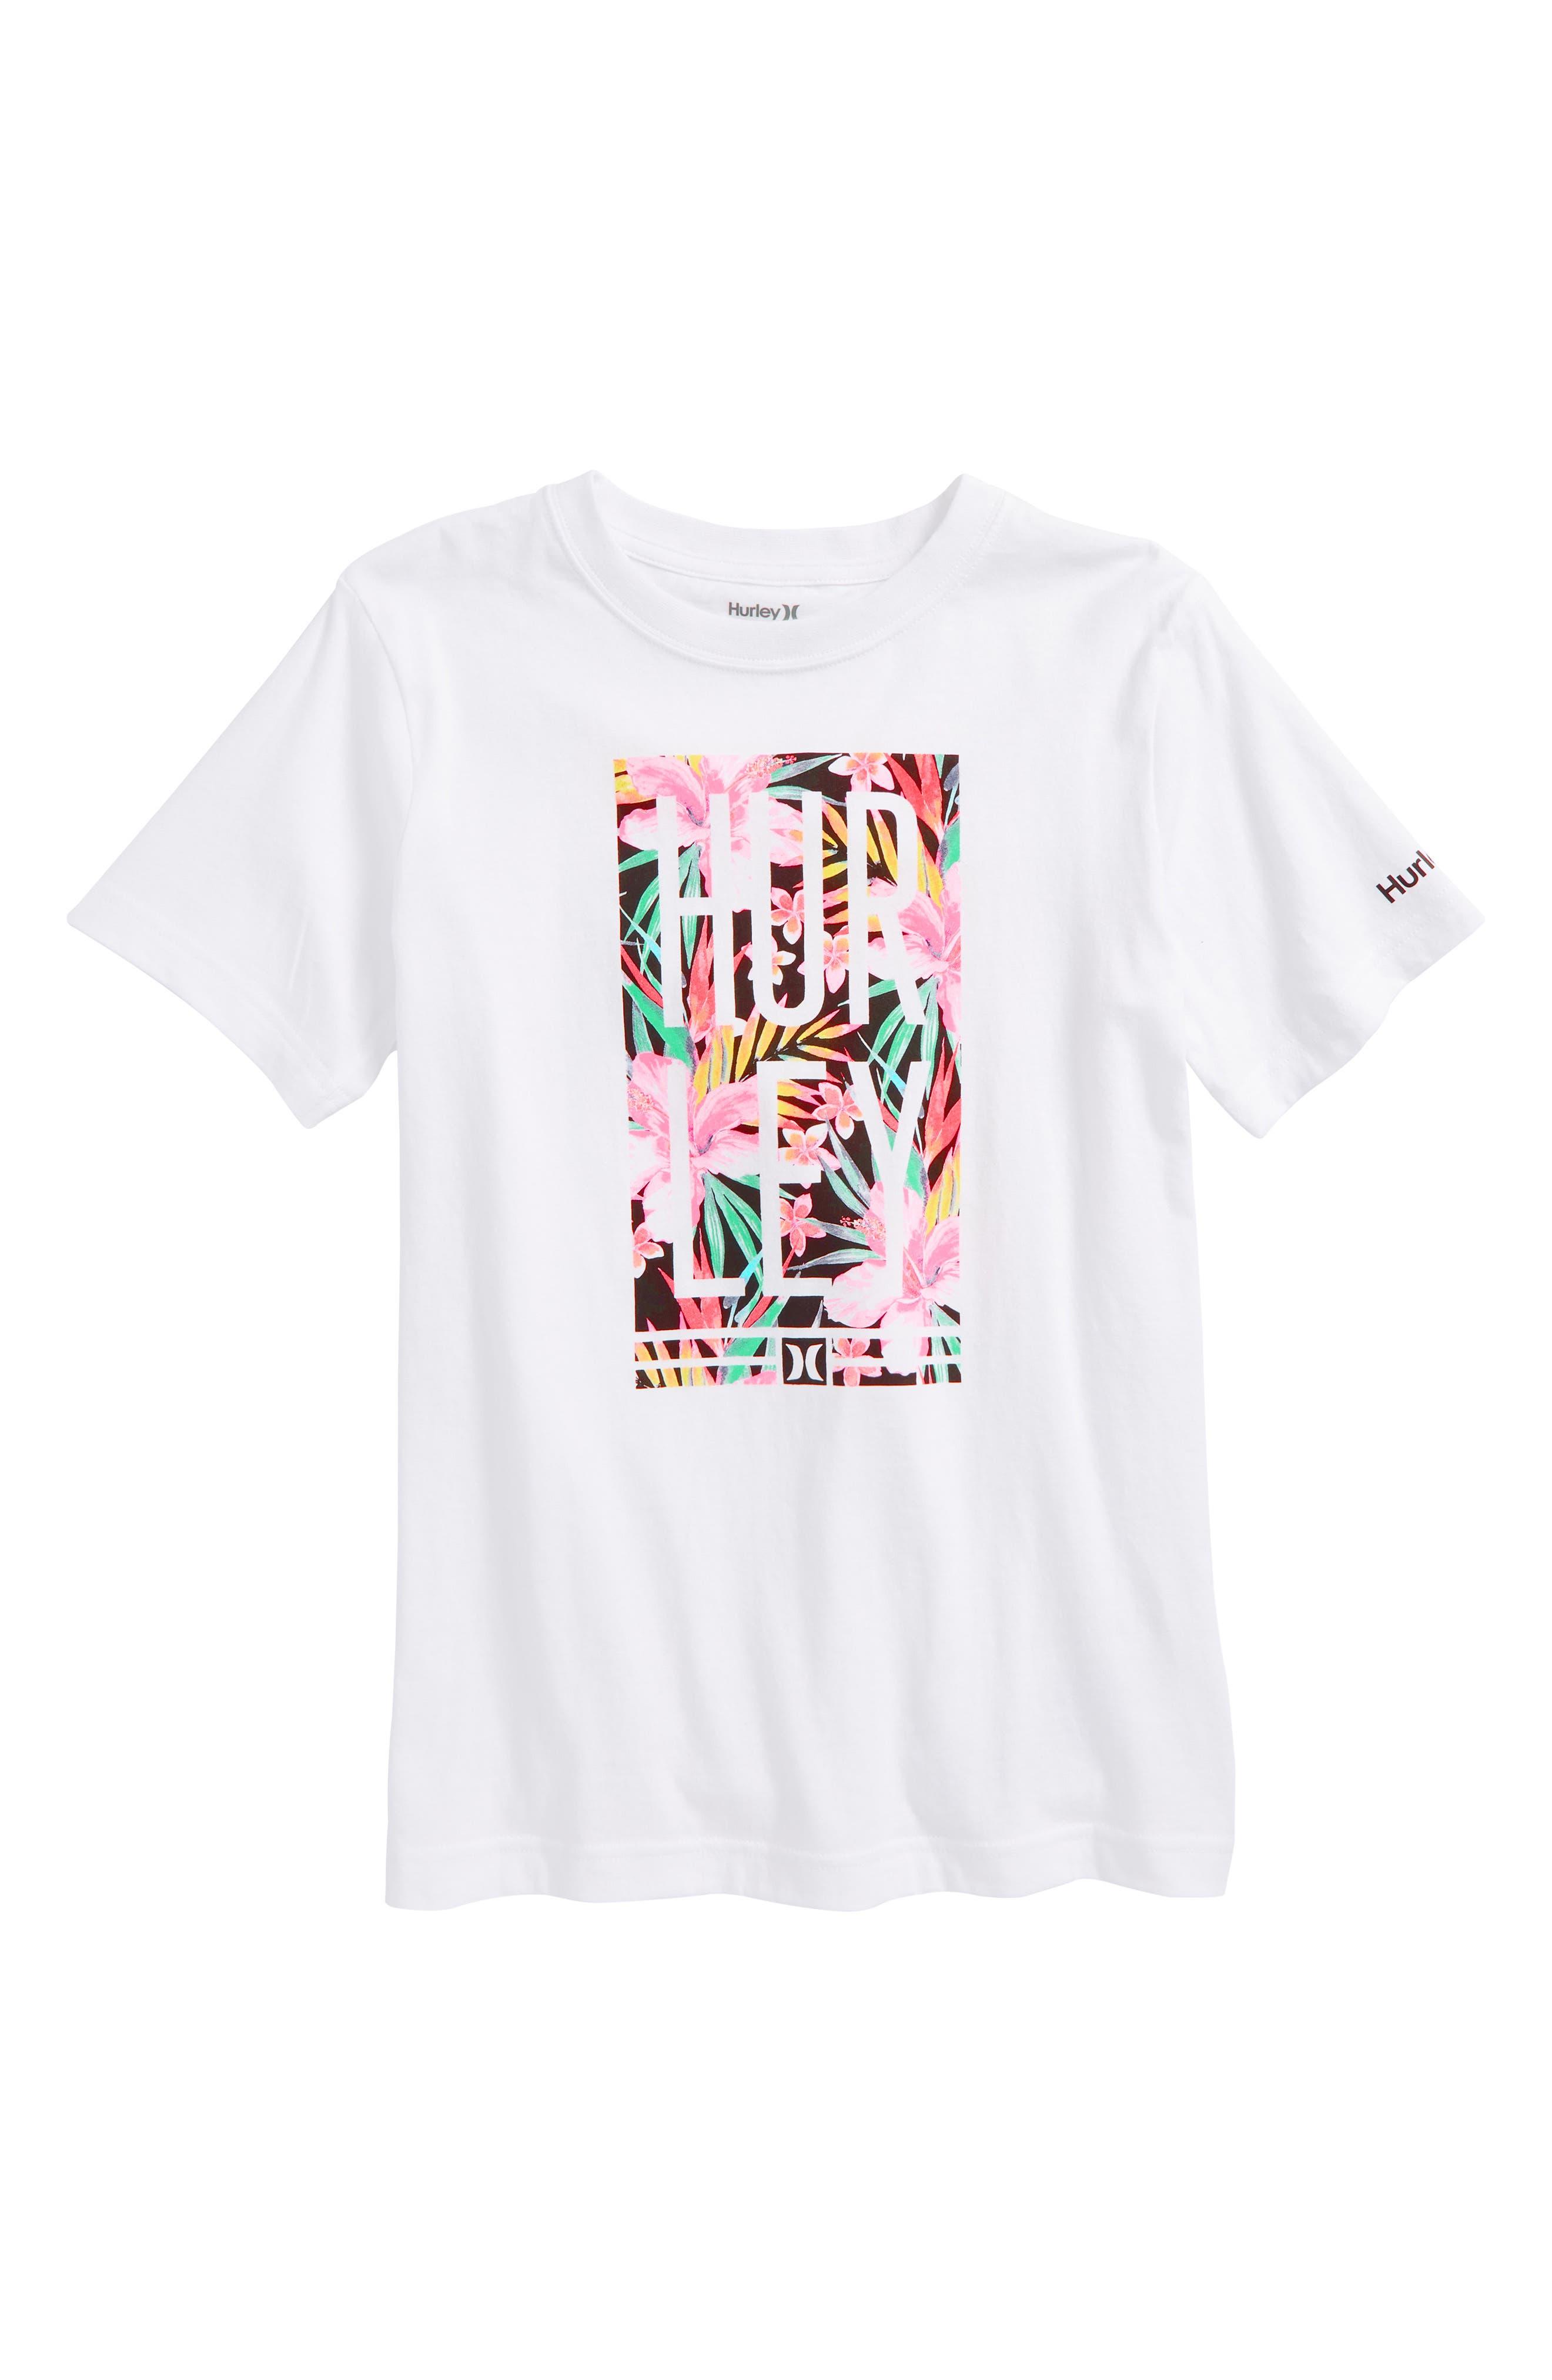 Ko Box T-Shirt,                             Main thumbnail 2, color,